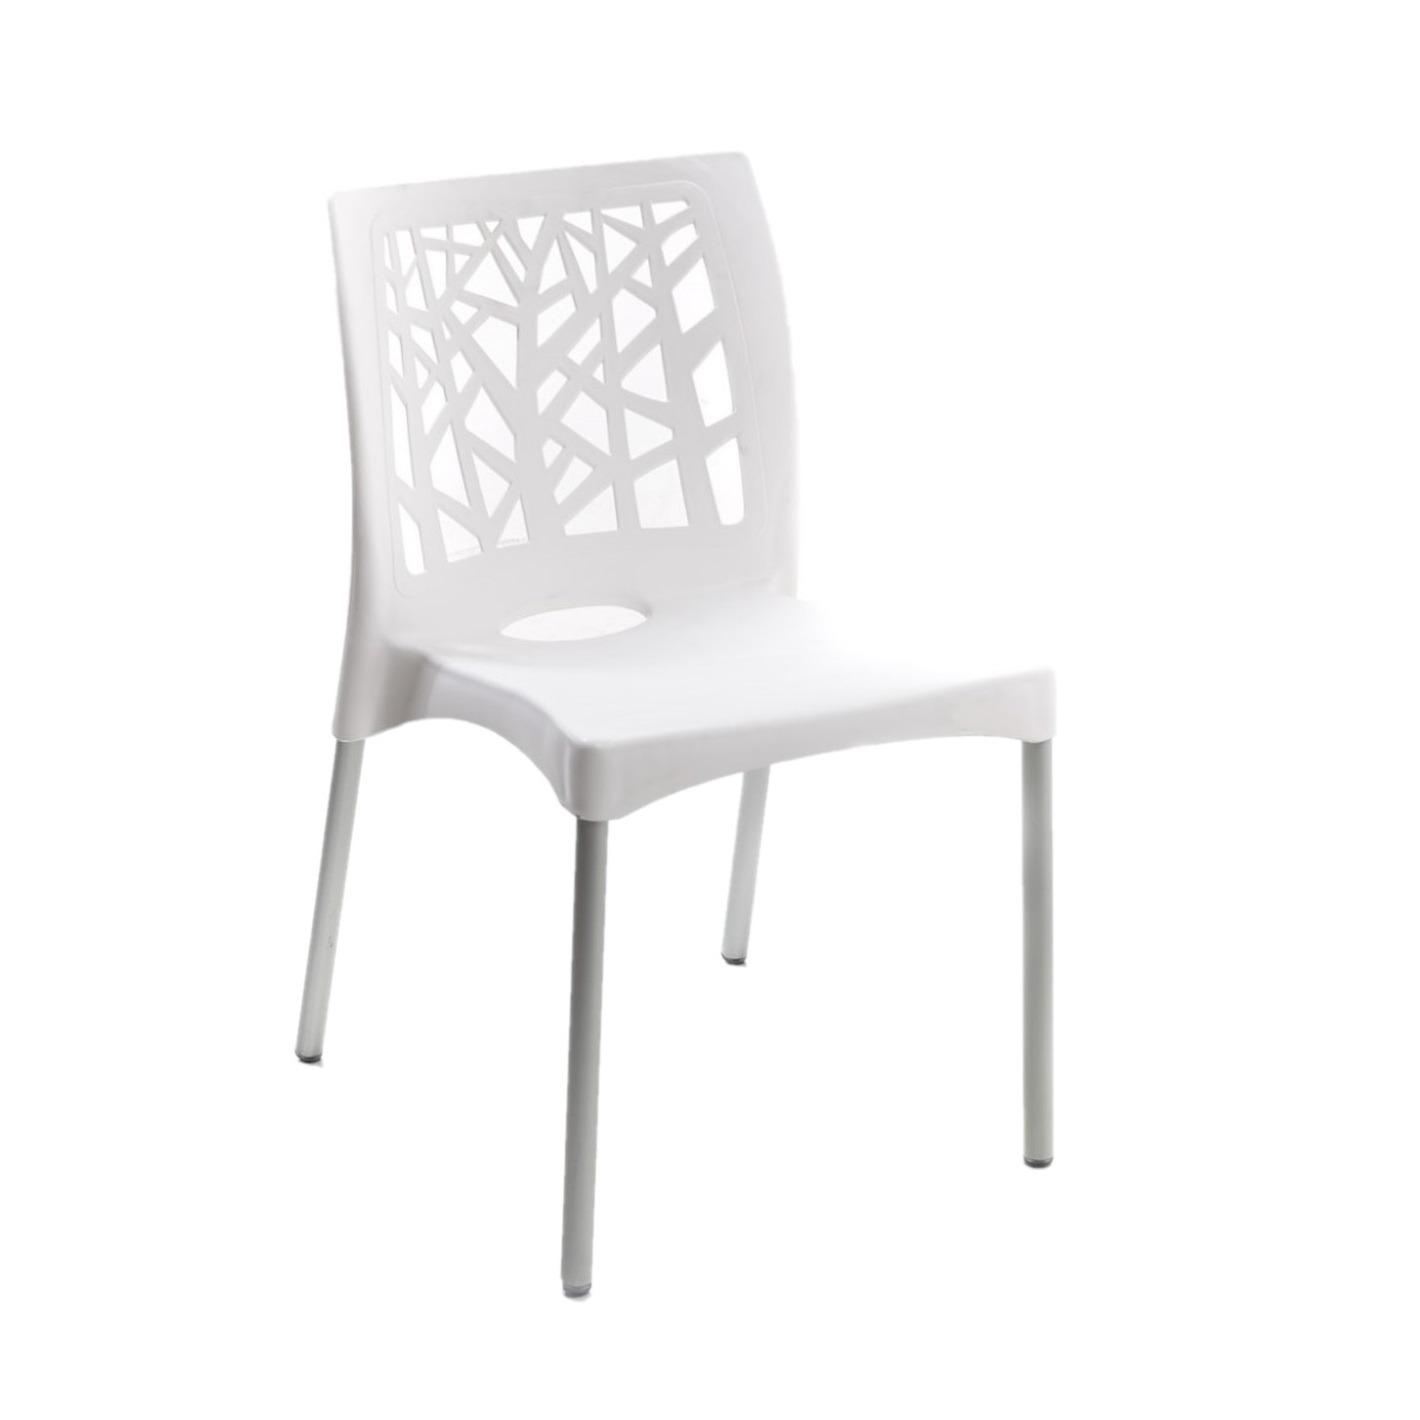 Cadeira com Pernas de Aluminio Nature Branca em Polipropileno - Forte Plastico